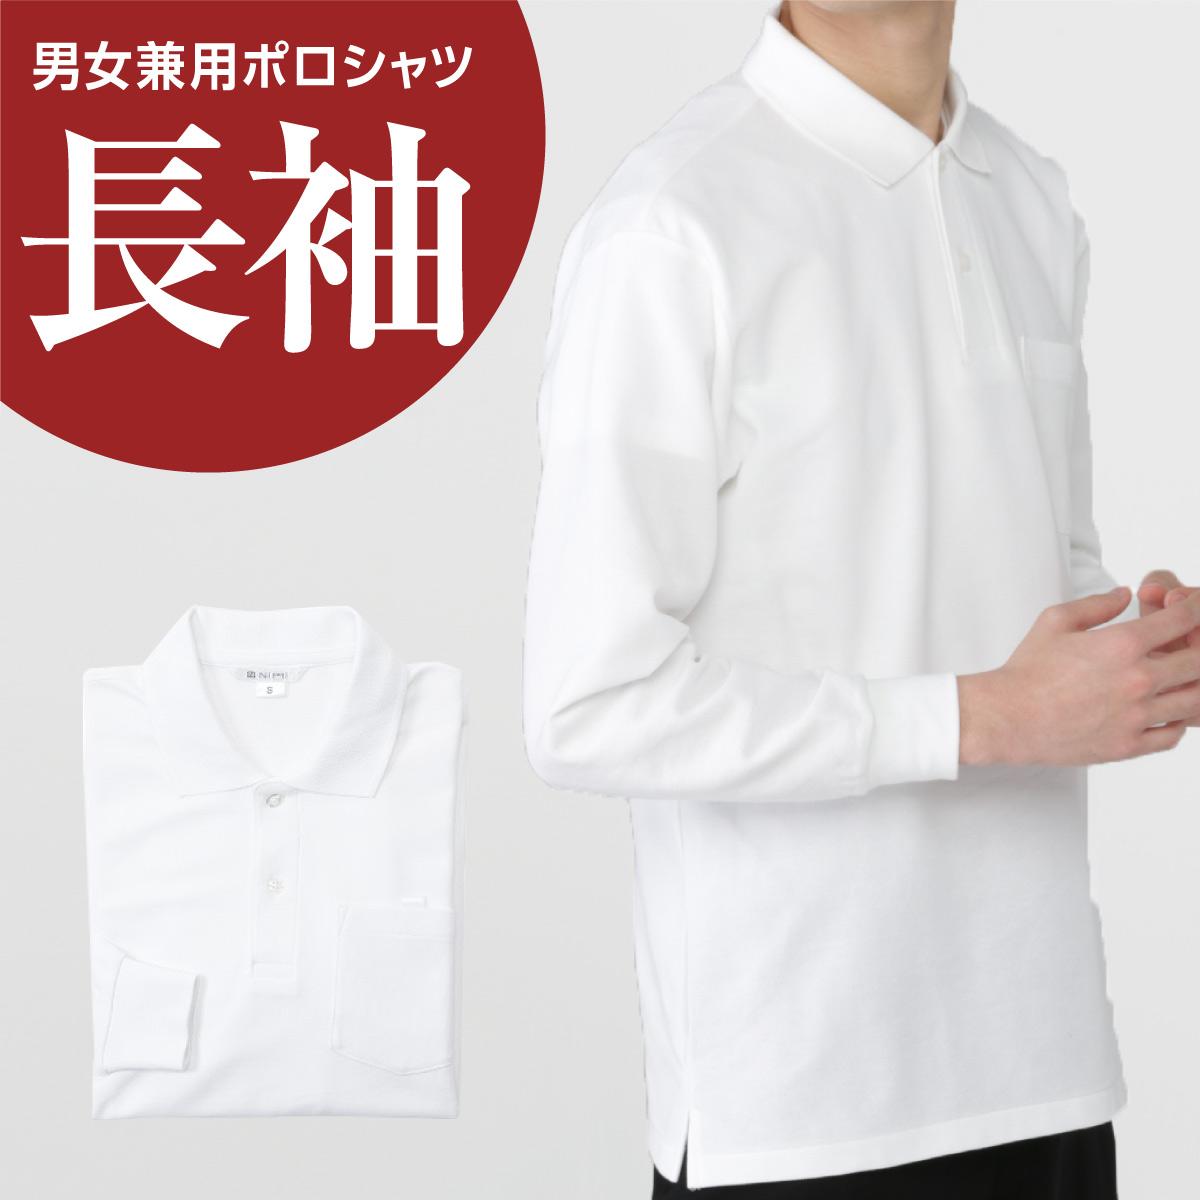 長袖ポロシャツ 白 綿65 ポリエステル35 110-150 SS-5L | 小学生 中学生 高校生 大きいサイズ 小さいサイズ